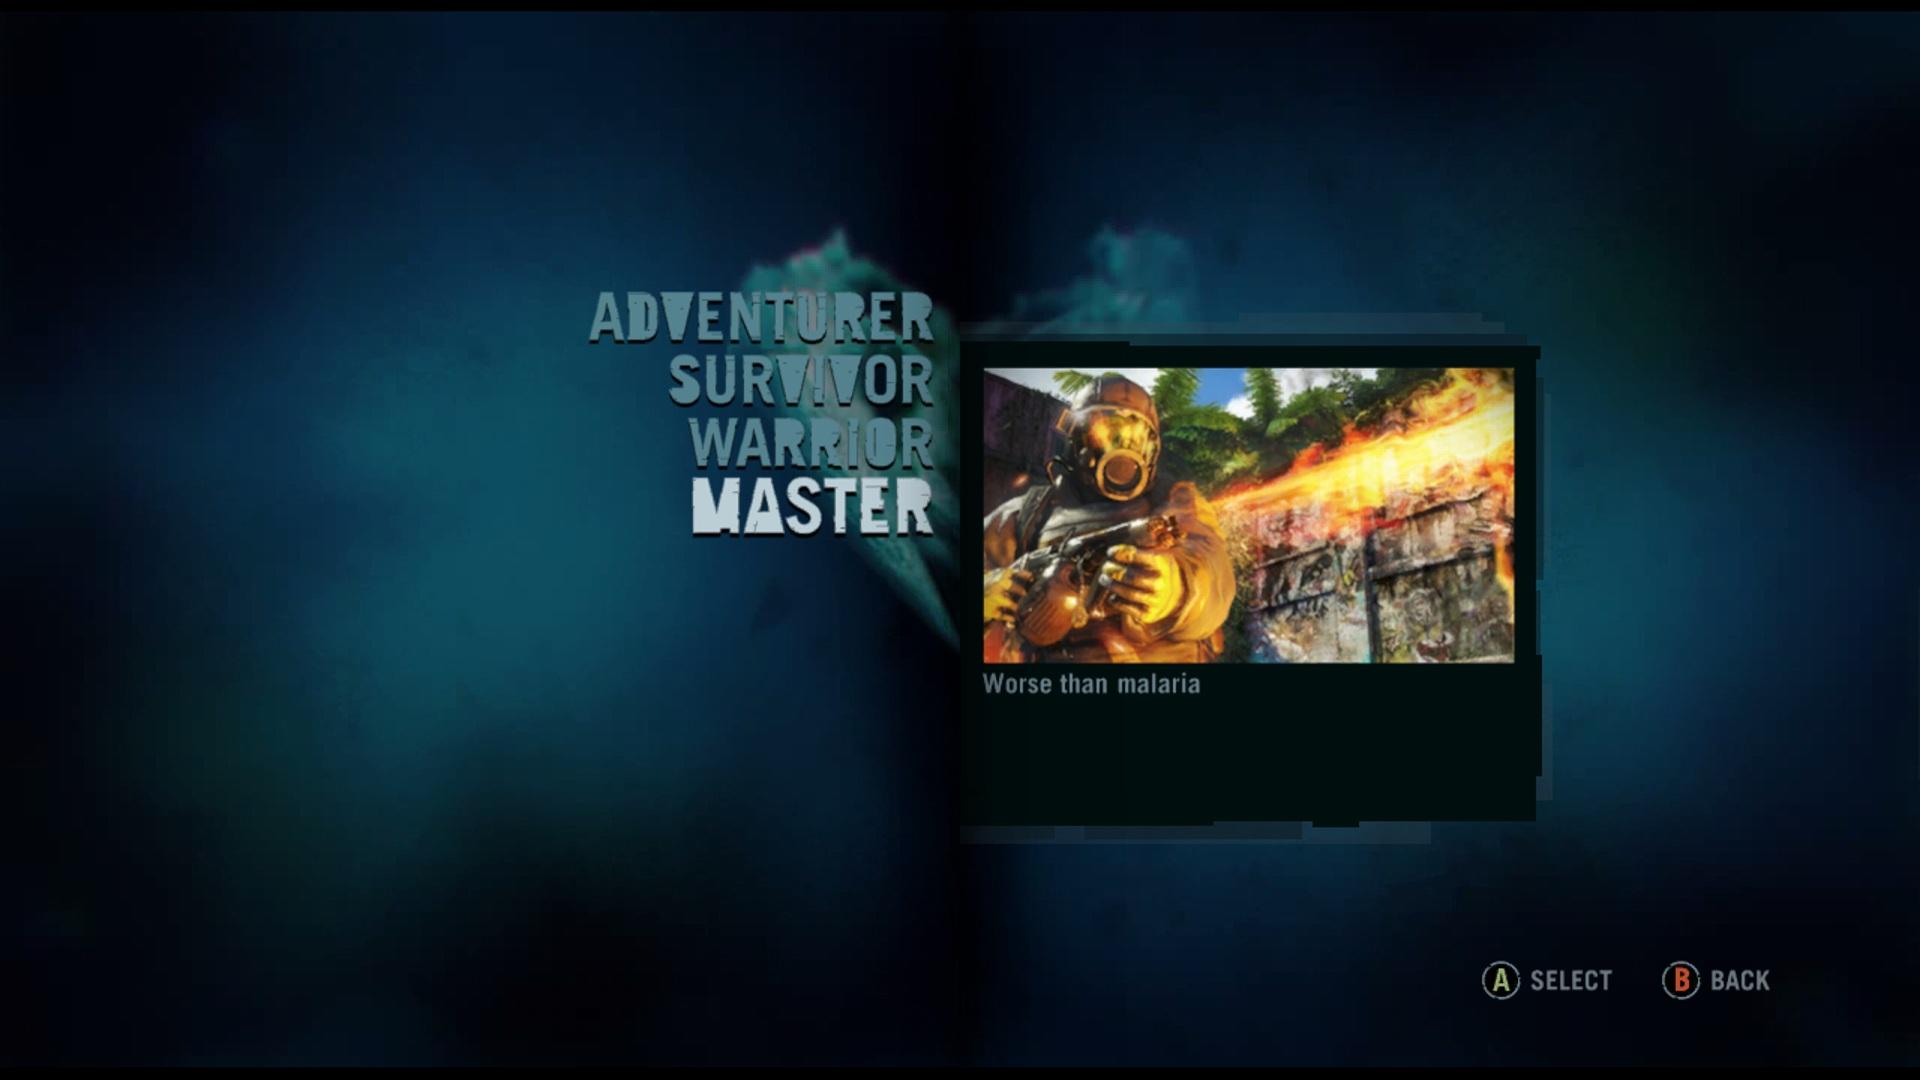 Opcja resetowania posterunków i nowy poziom trudności wkrótce w Far Cry 3 - obrazek 3